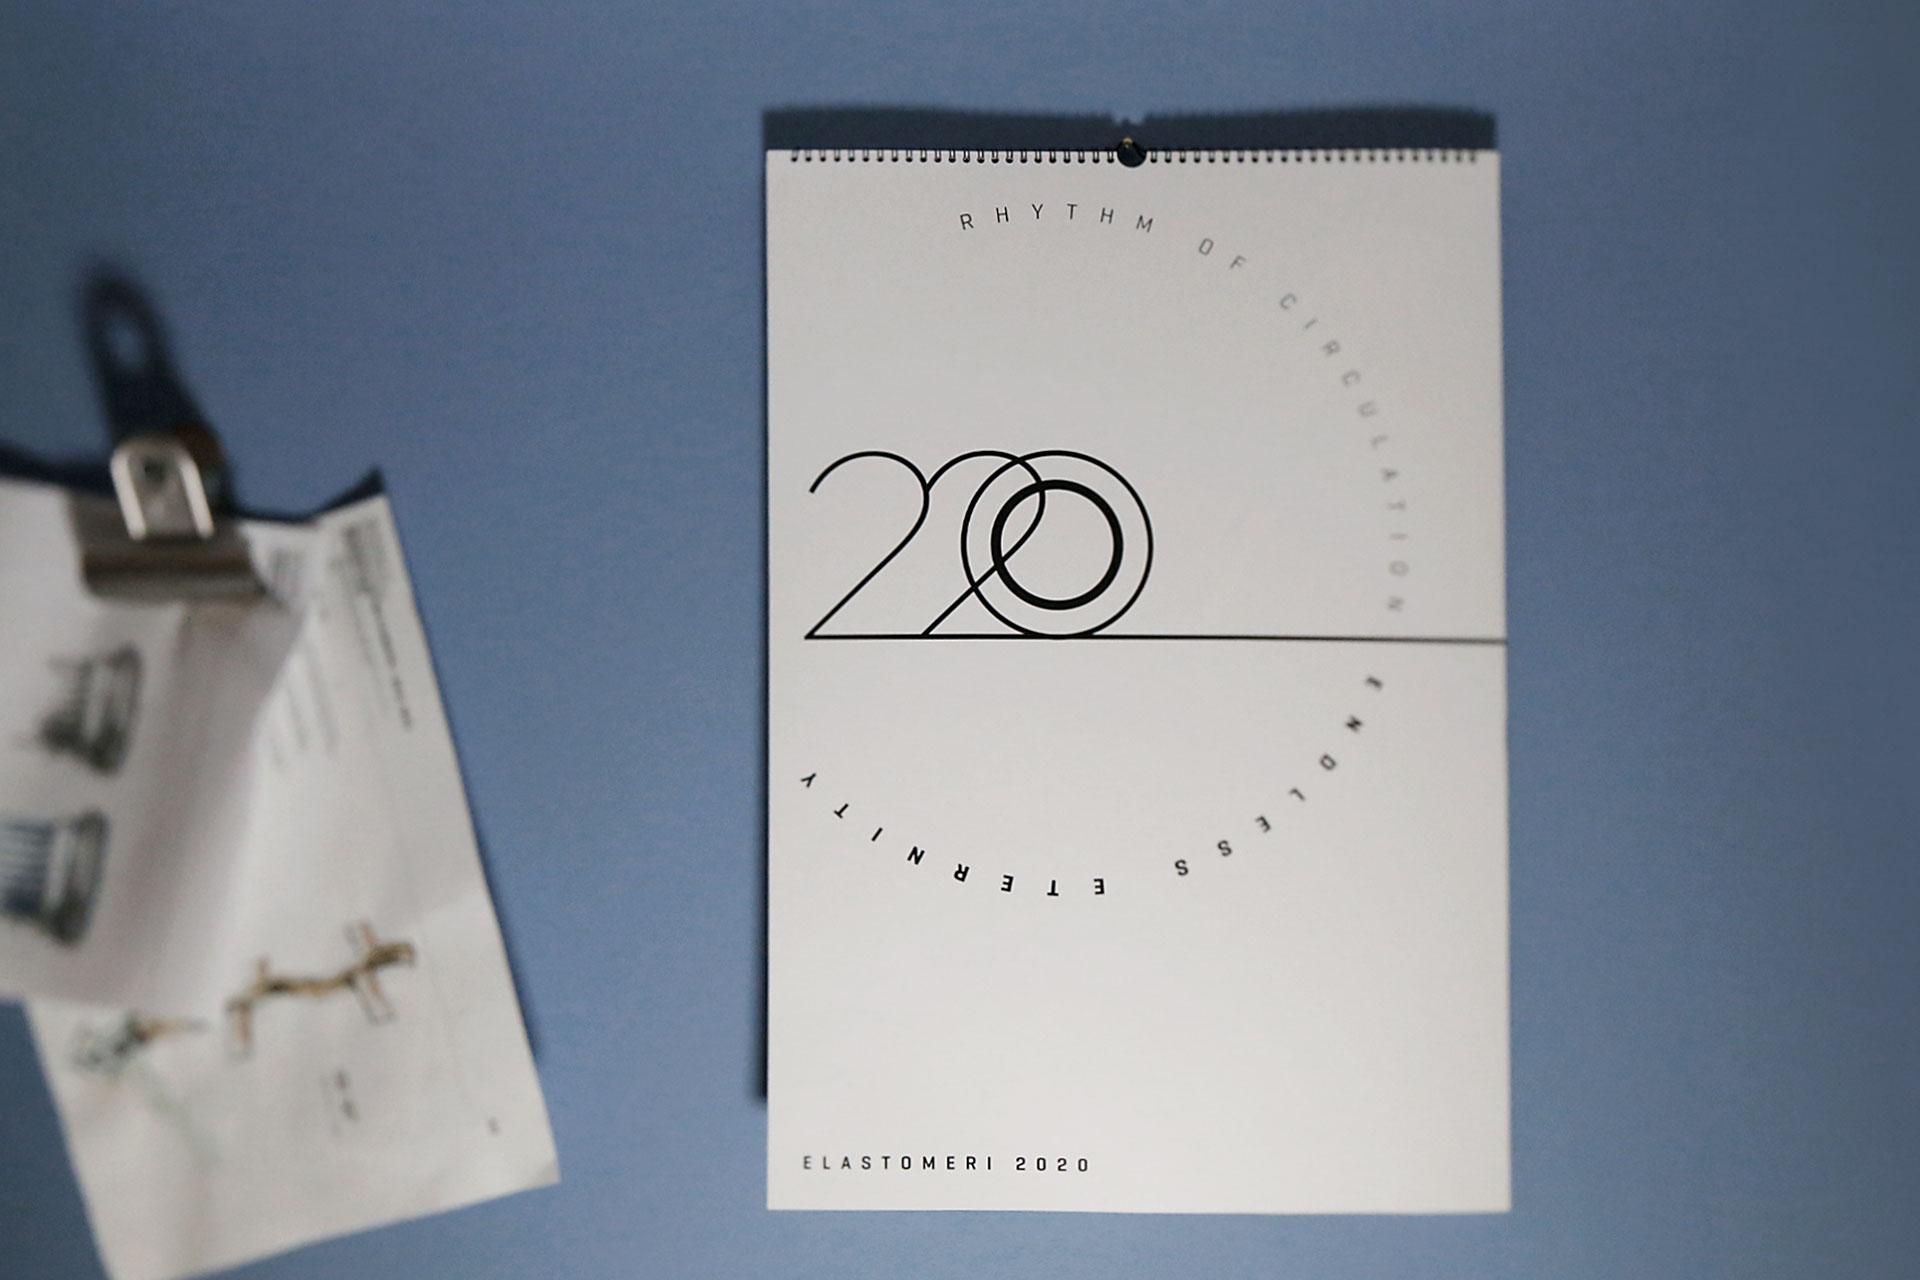 calendar_elastomeri_marko-marinsek_studio-ma-ma_4